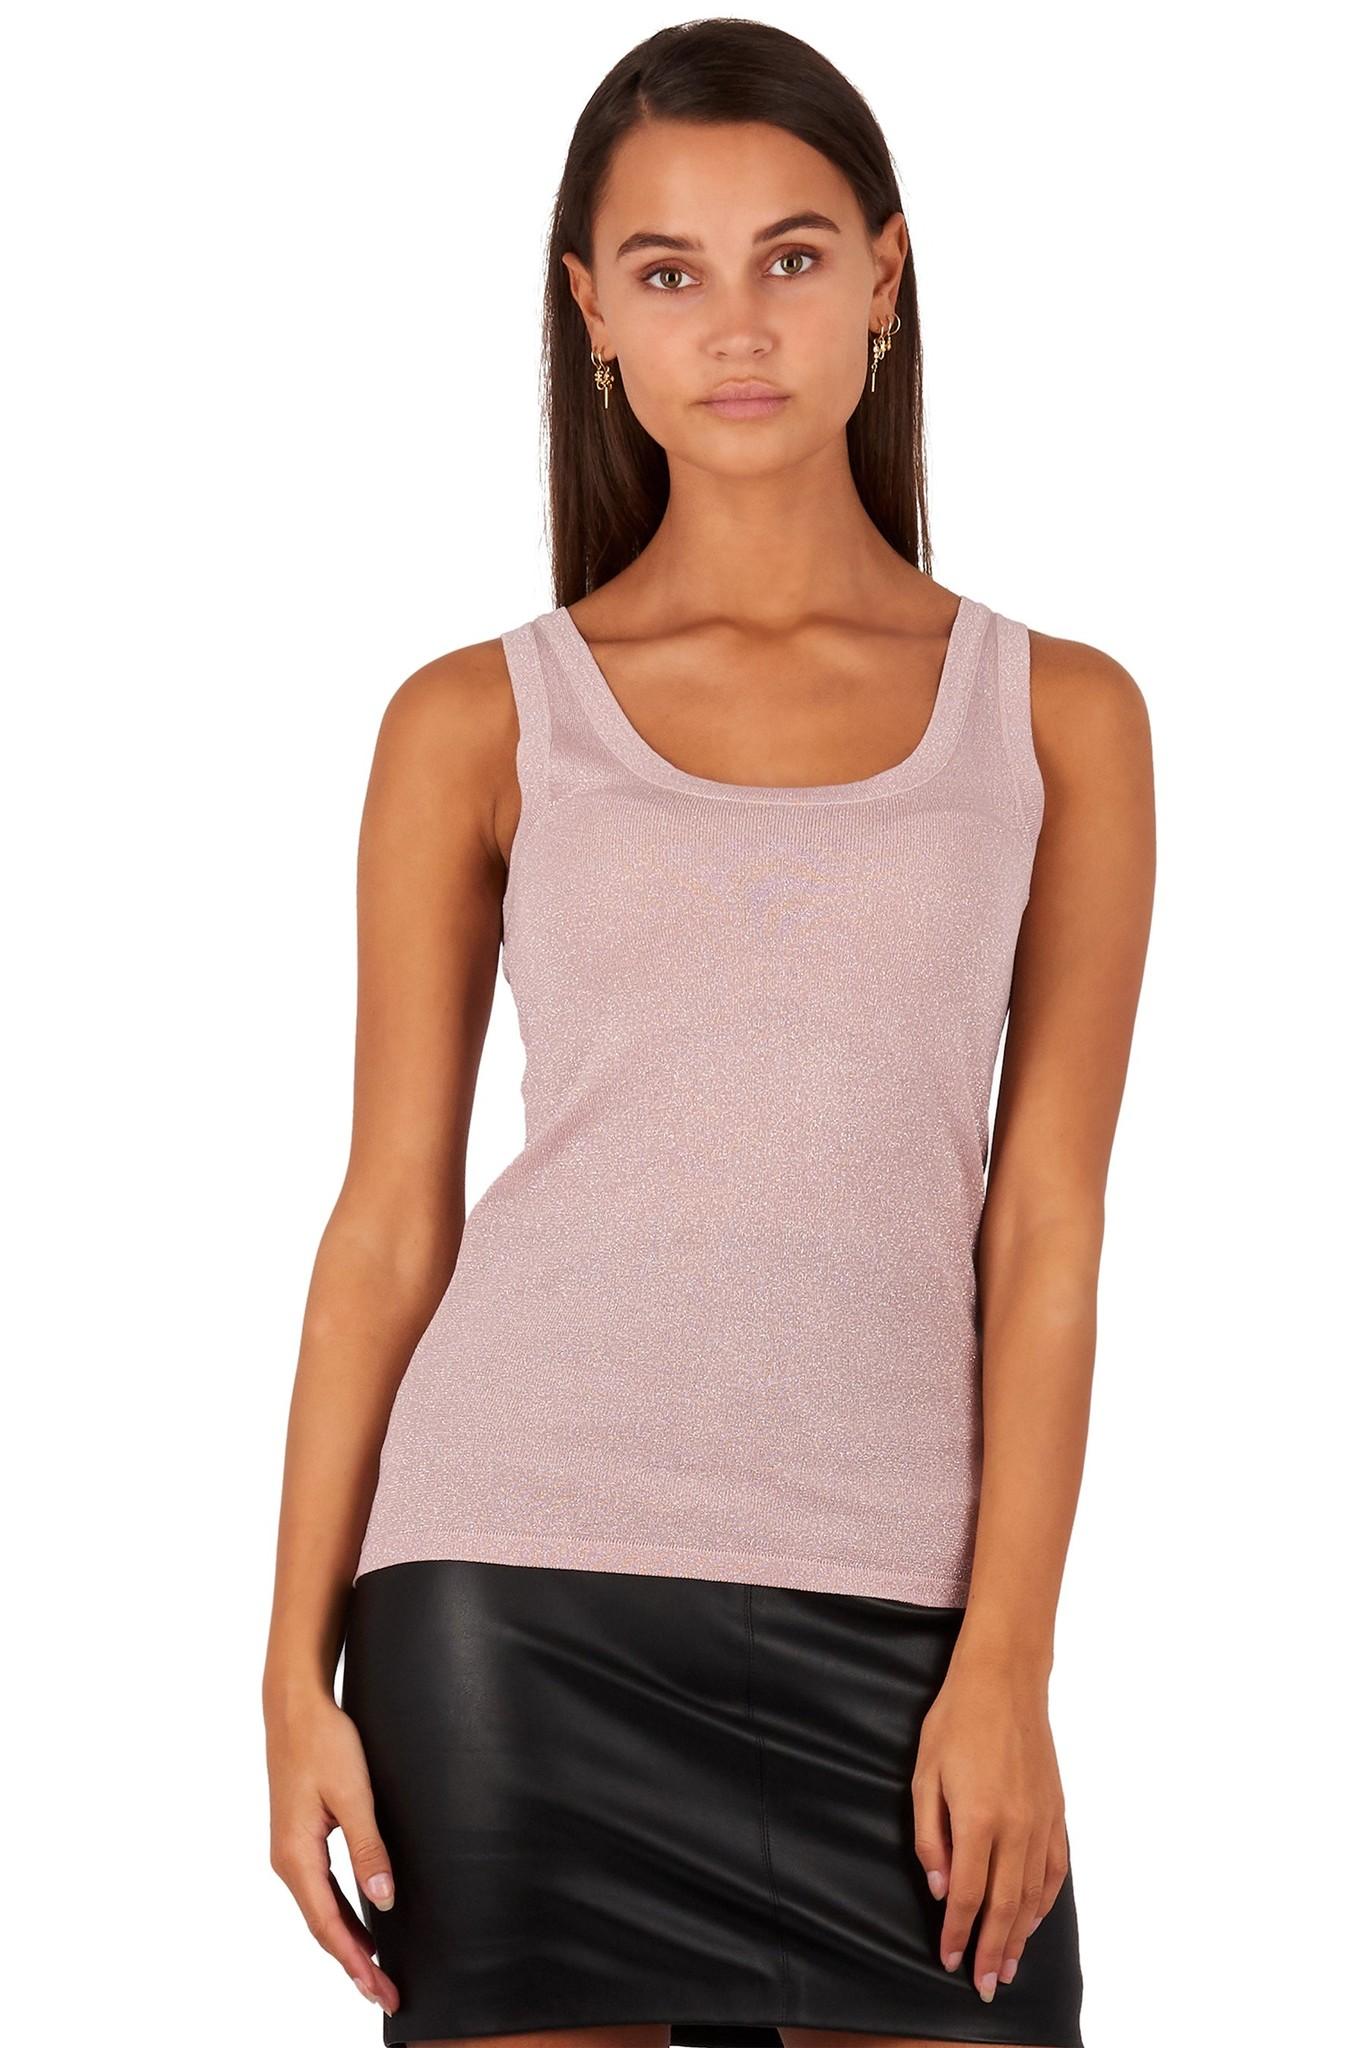 Ivorey top Glamorous pink